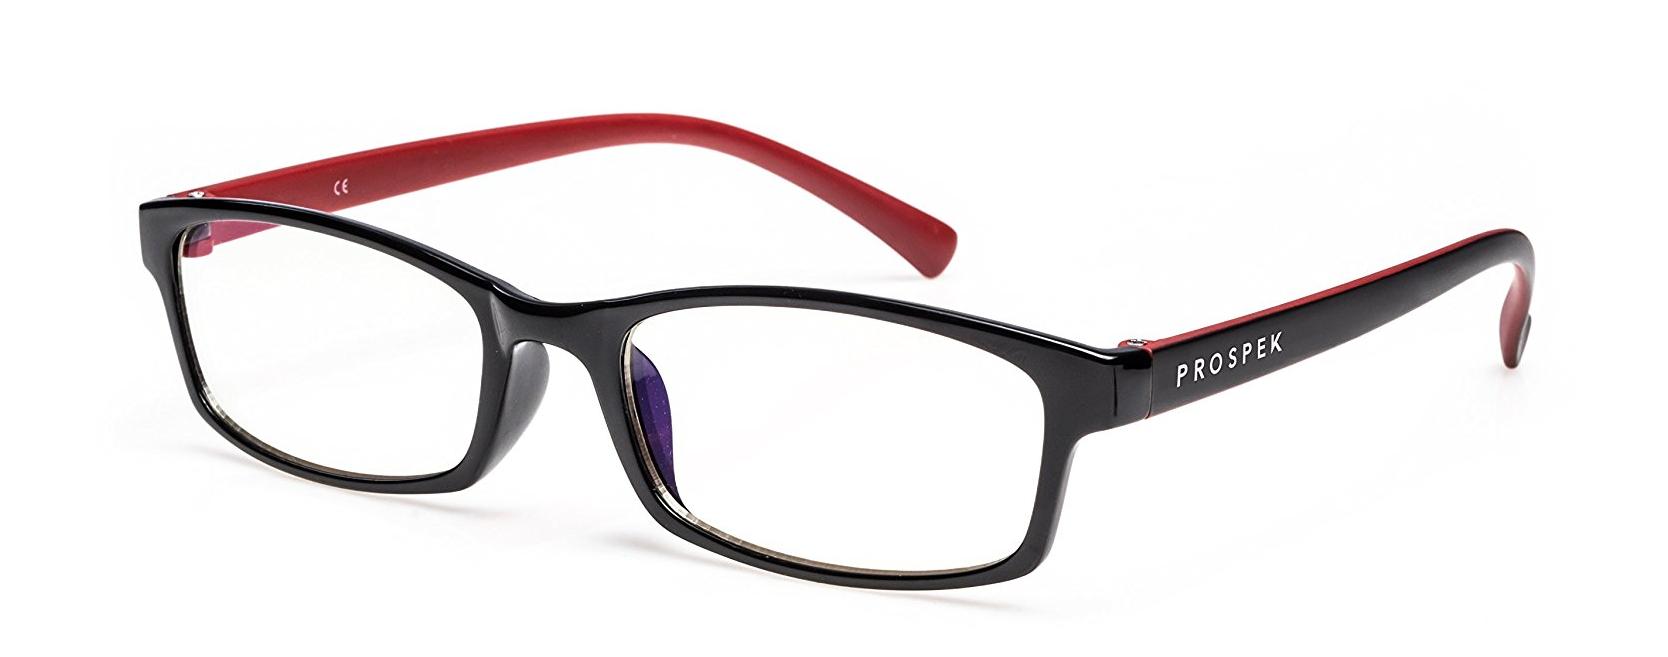 SPEKTRUM PROSPEK Premium Computer Glasses